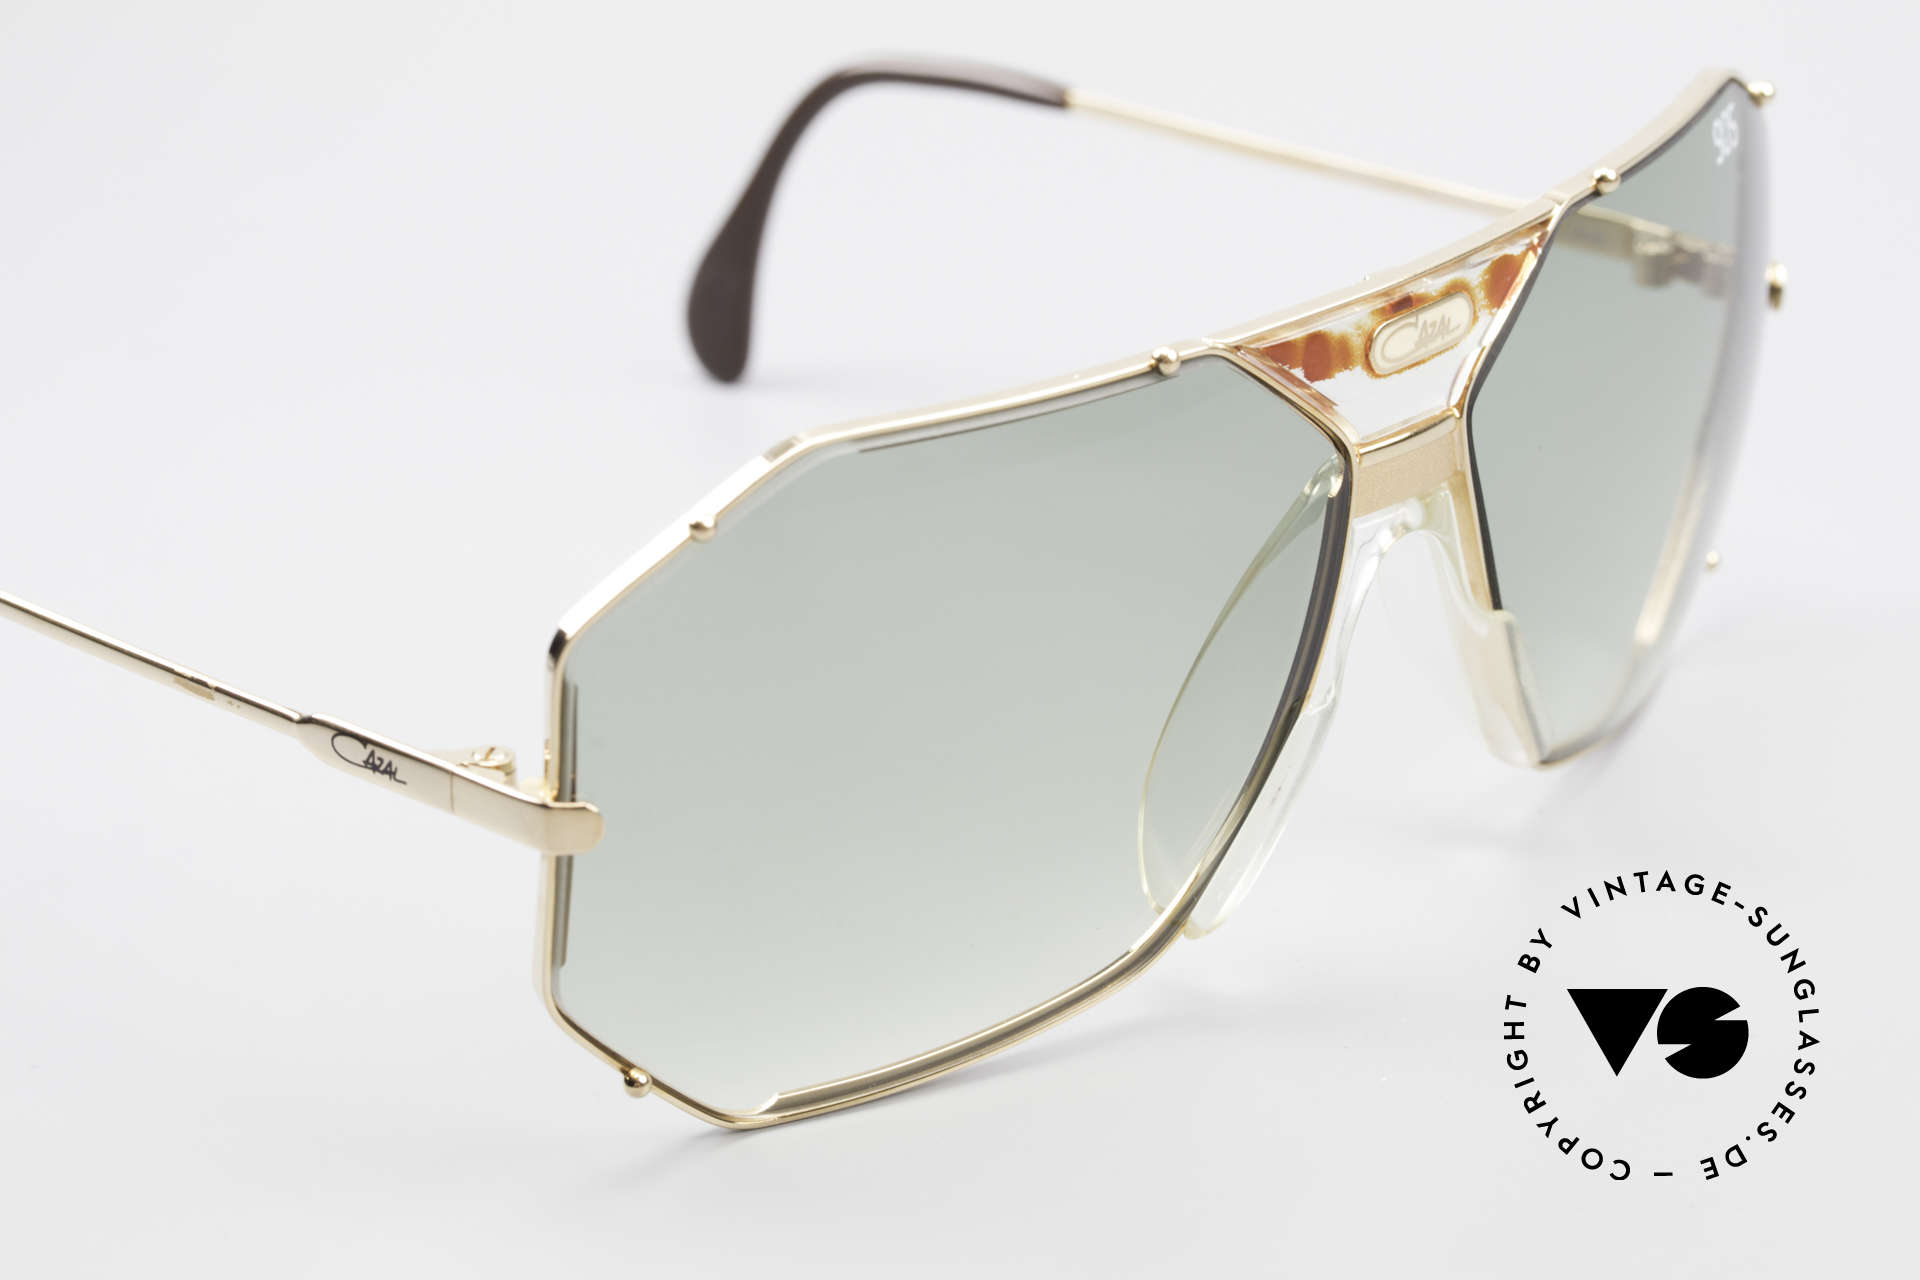 Cazal 905 Gwen Stefani Sonnenbrille 80er, ungetragen (wie alle unsere alten CAZAL Brillen), Passend für Herren